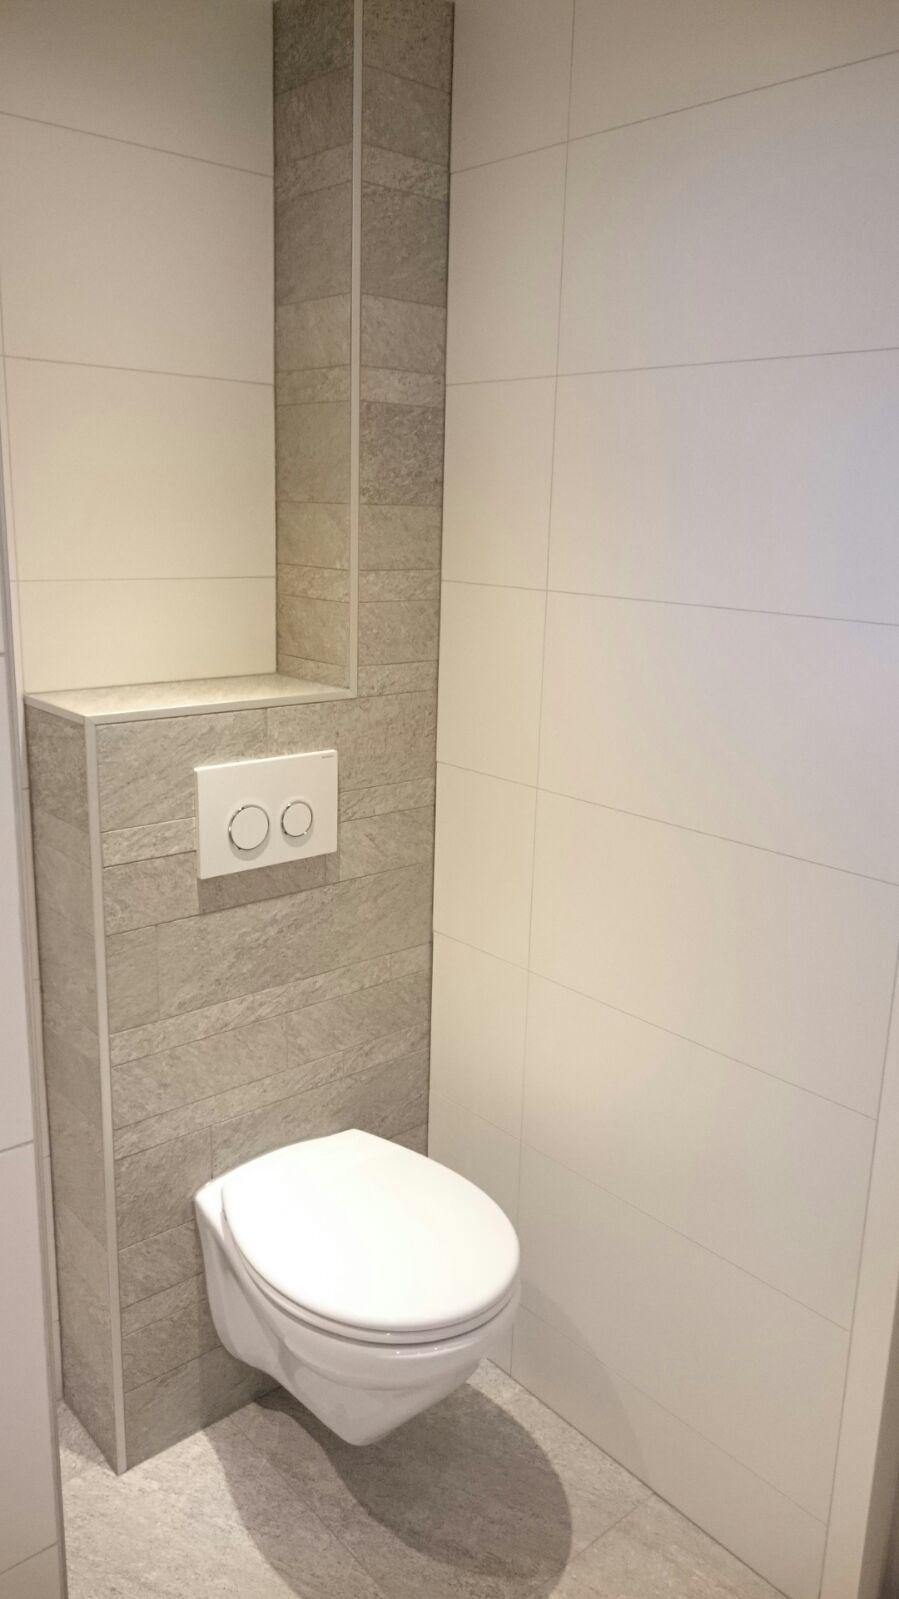 Badkamer Met Inloopdouche En Hangend Toilet